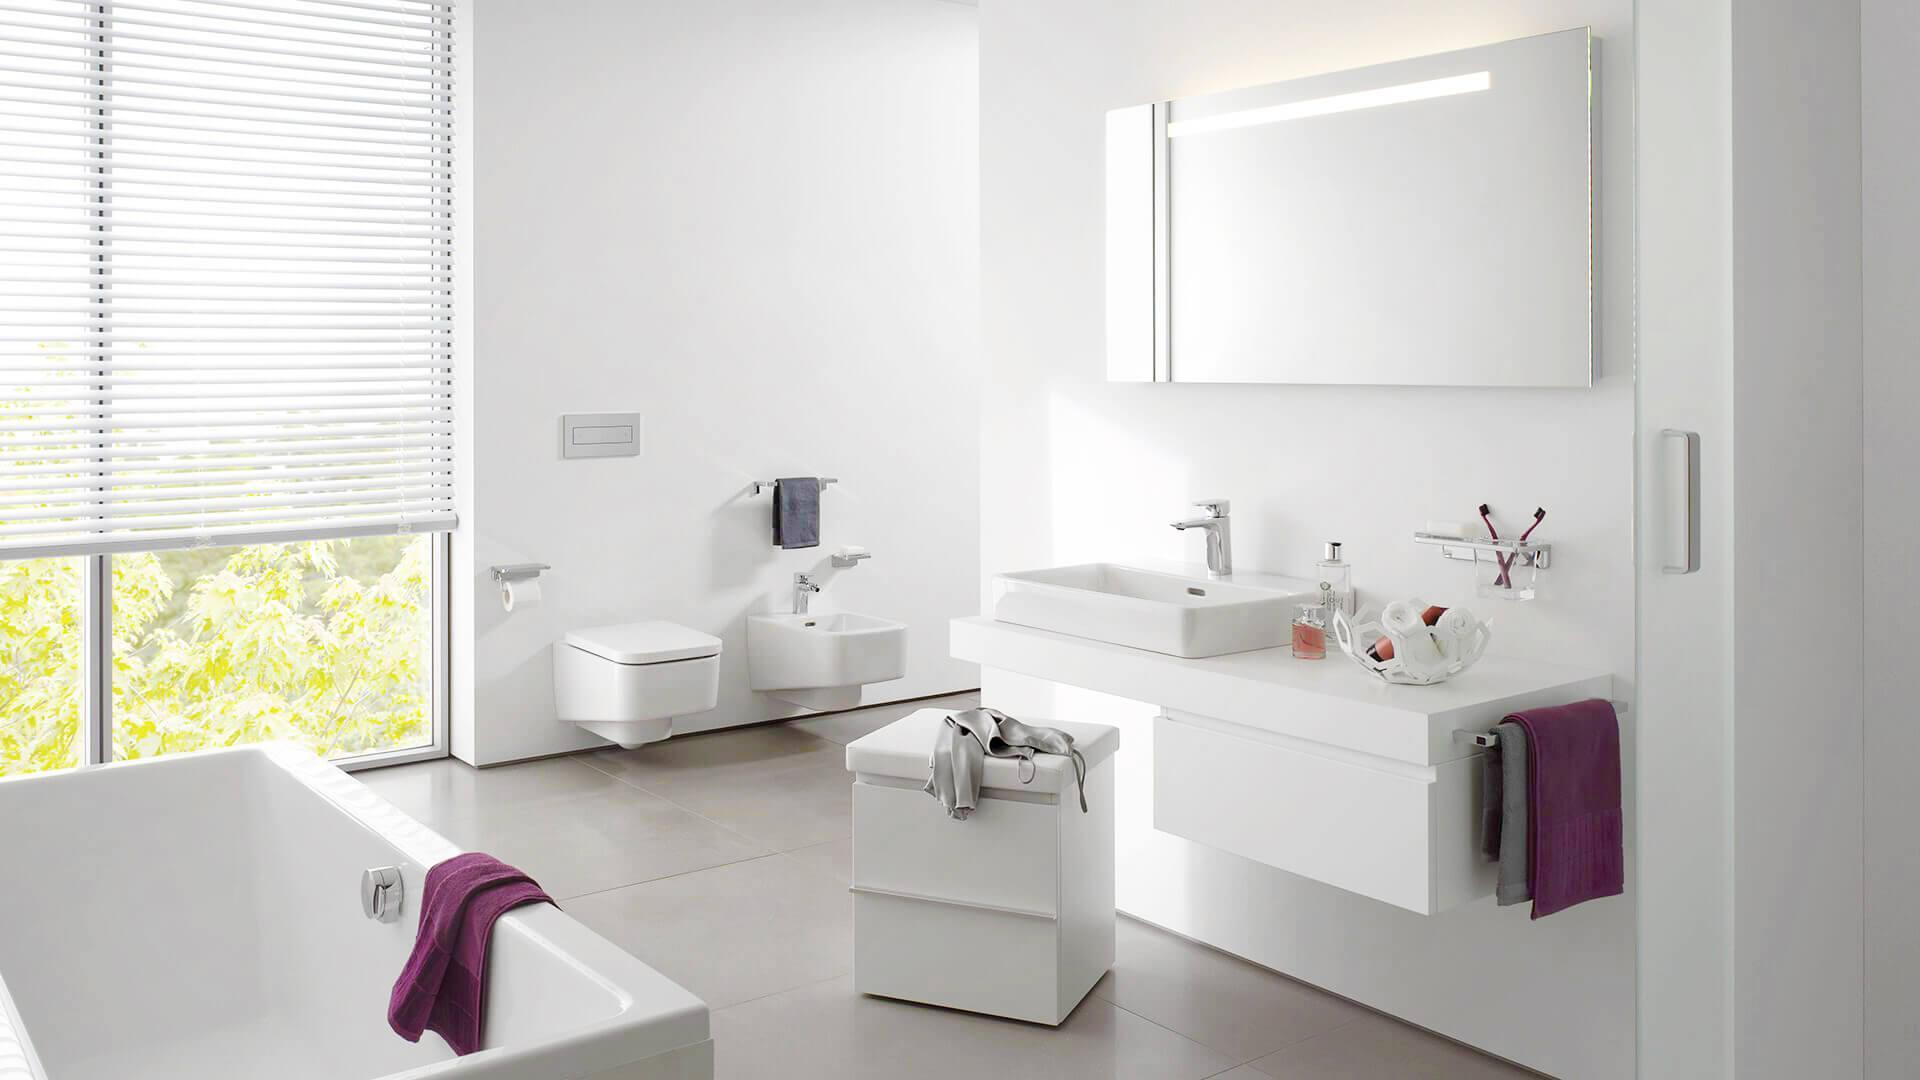 Waschtische, Bidets, Badezimmermöbel, Bad- und Sanitär-Ausstellungen und Beratung, Hinwil, Volketswil, Wettingen, Zürich